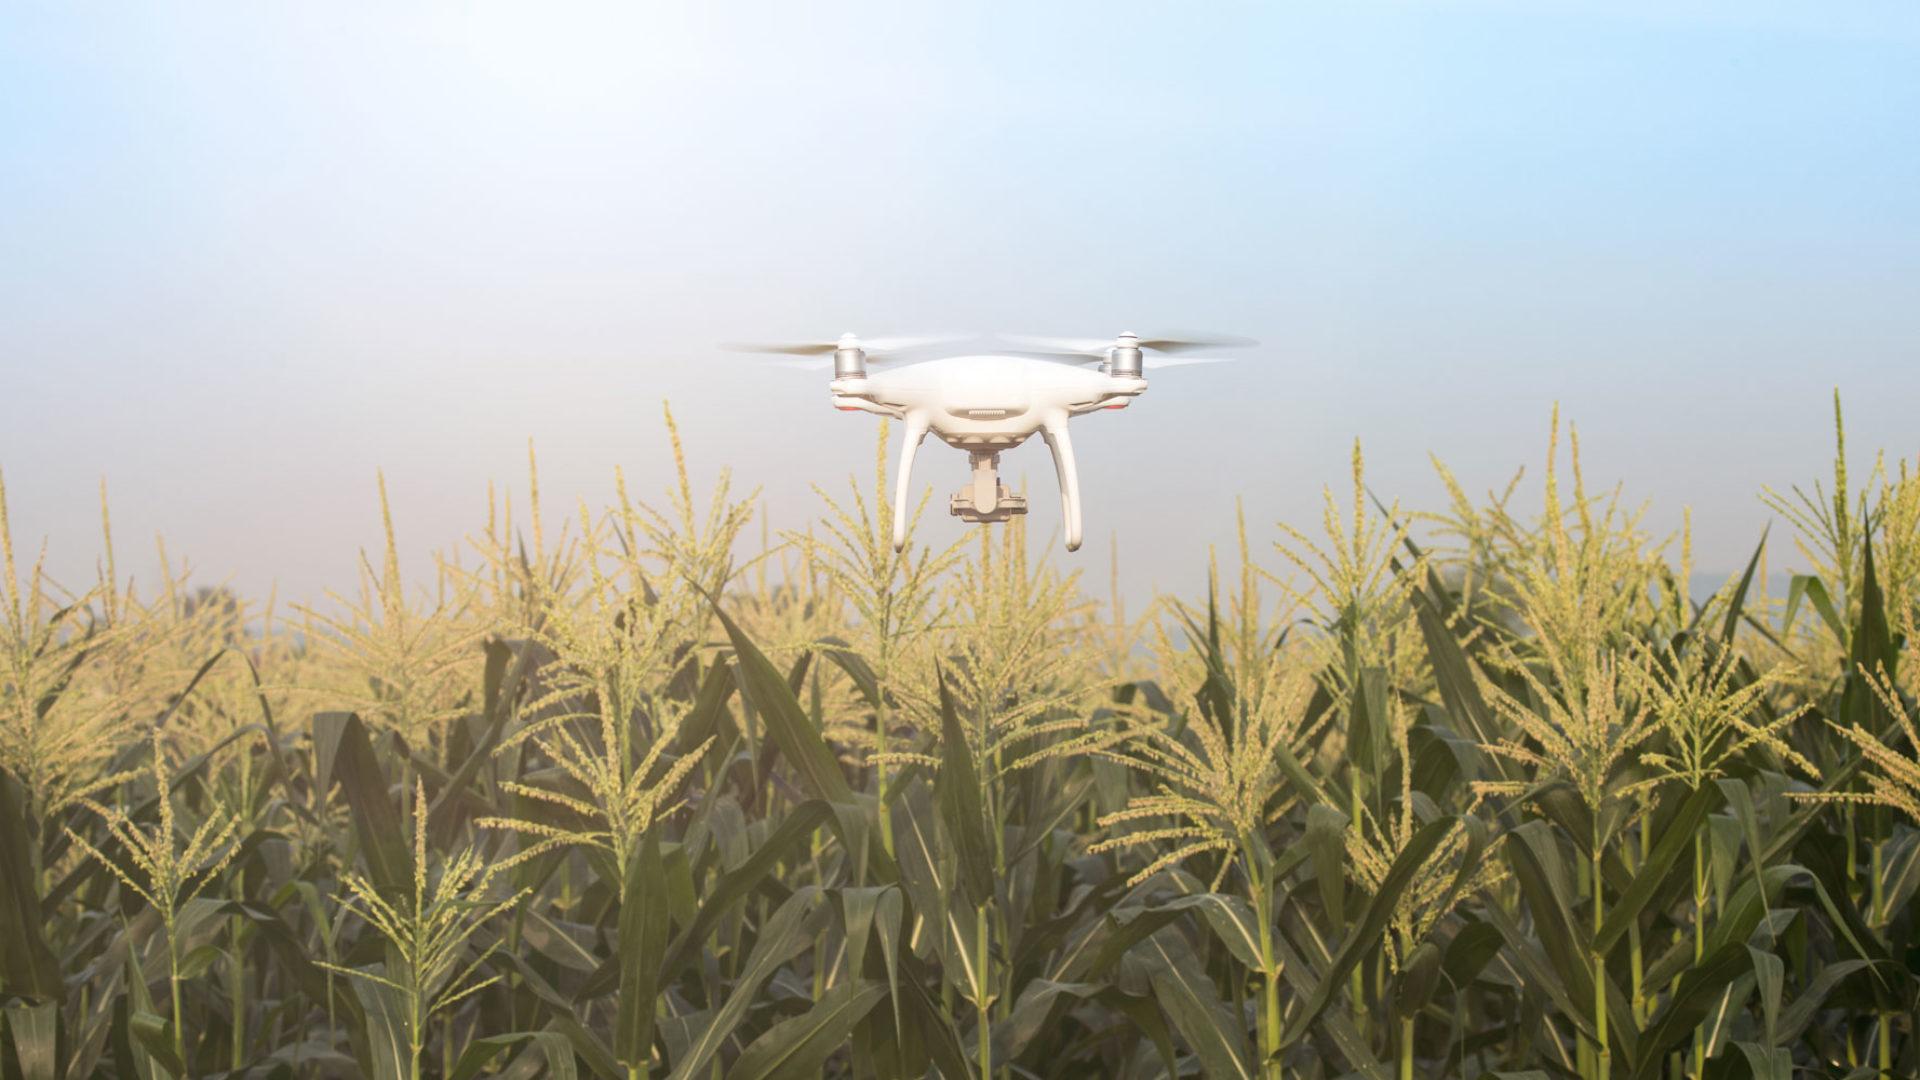 Drohne über Maisfeld